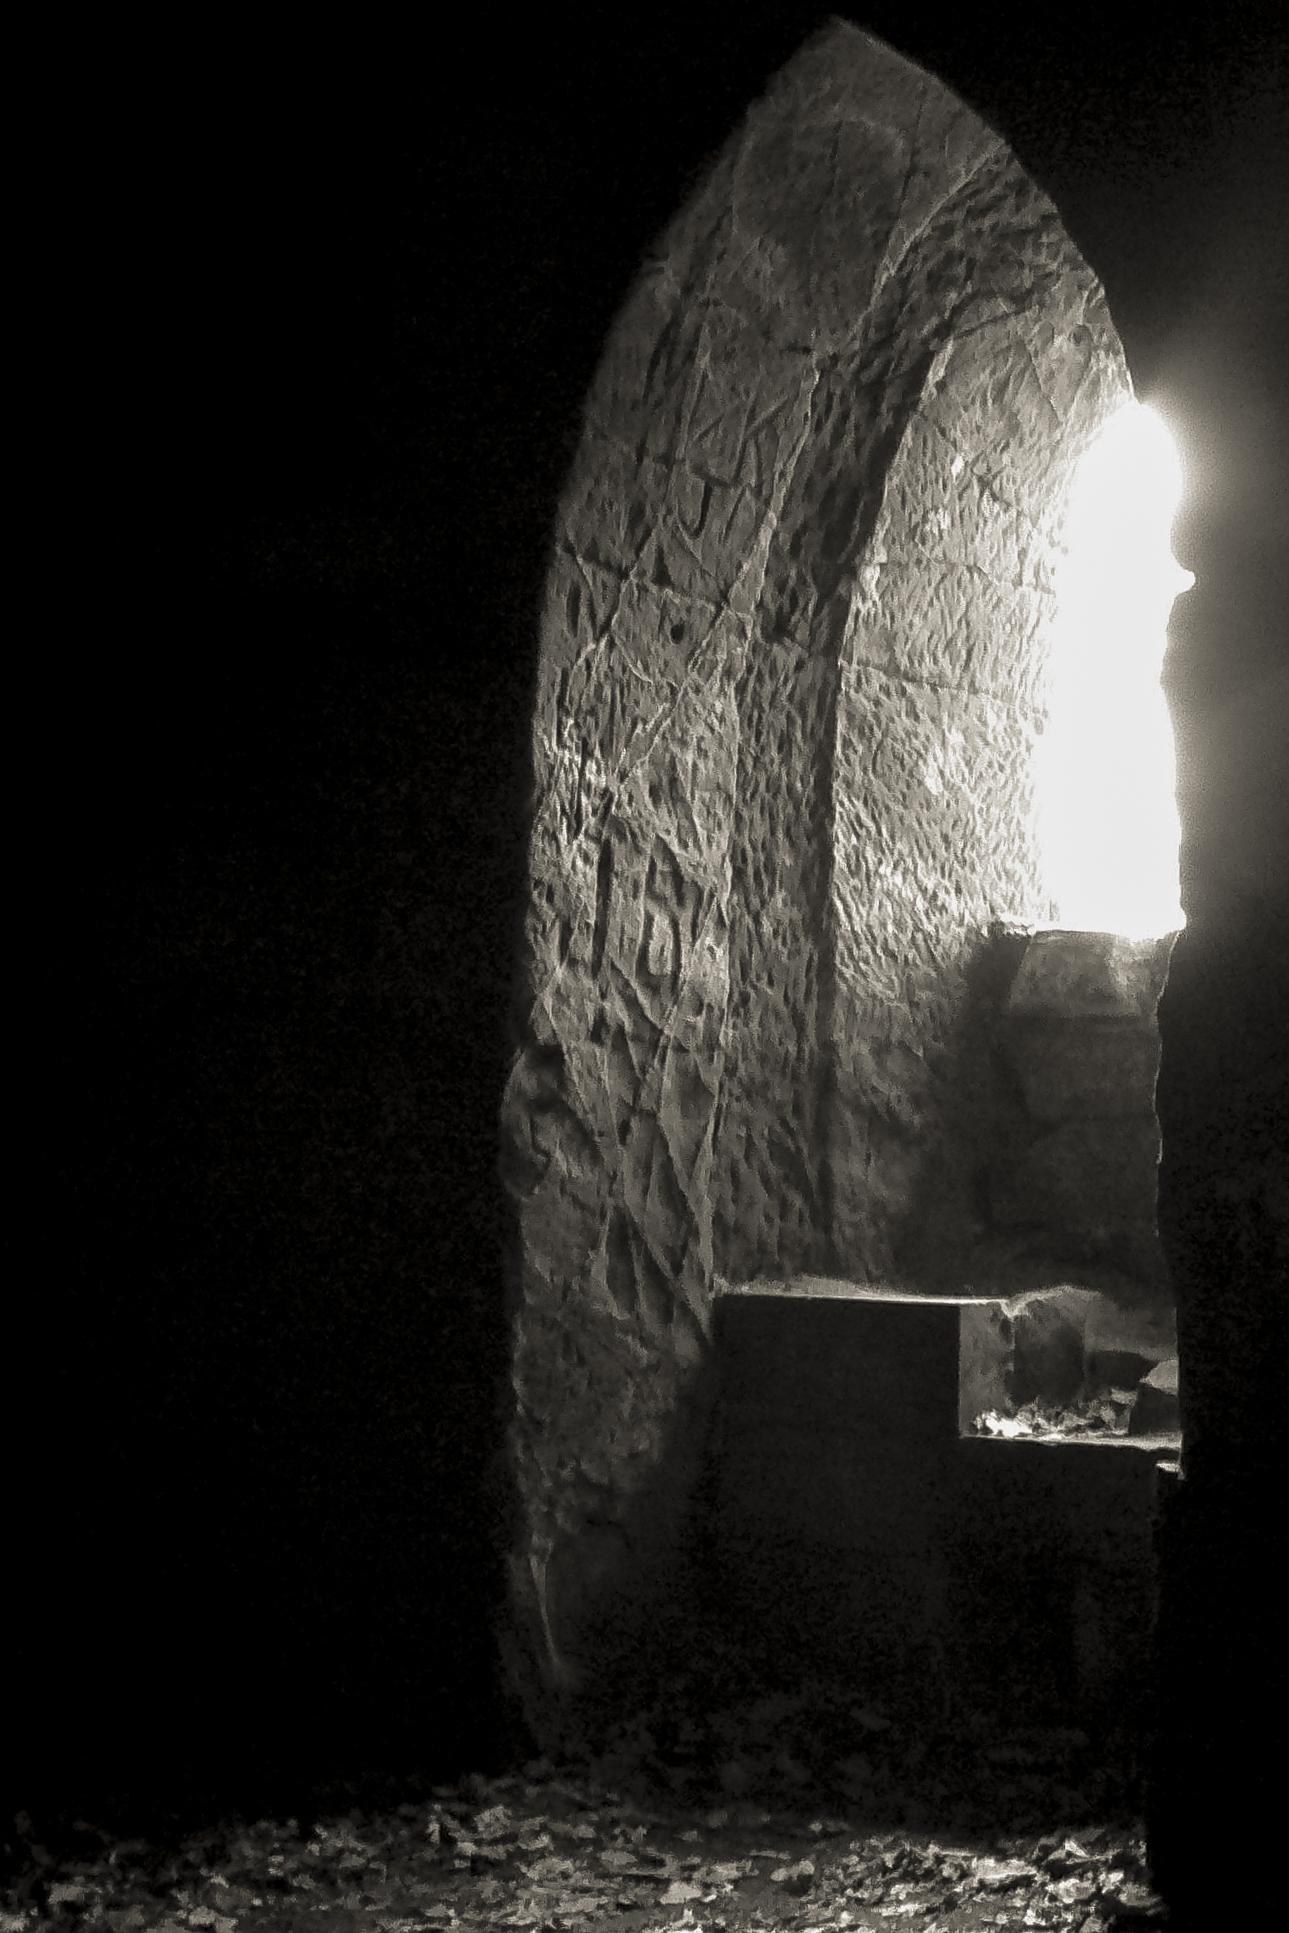 Cumbrian Cave_002.jpg